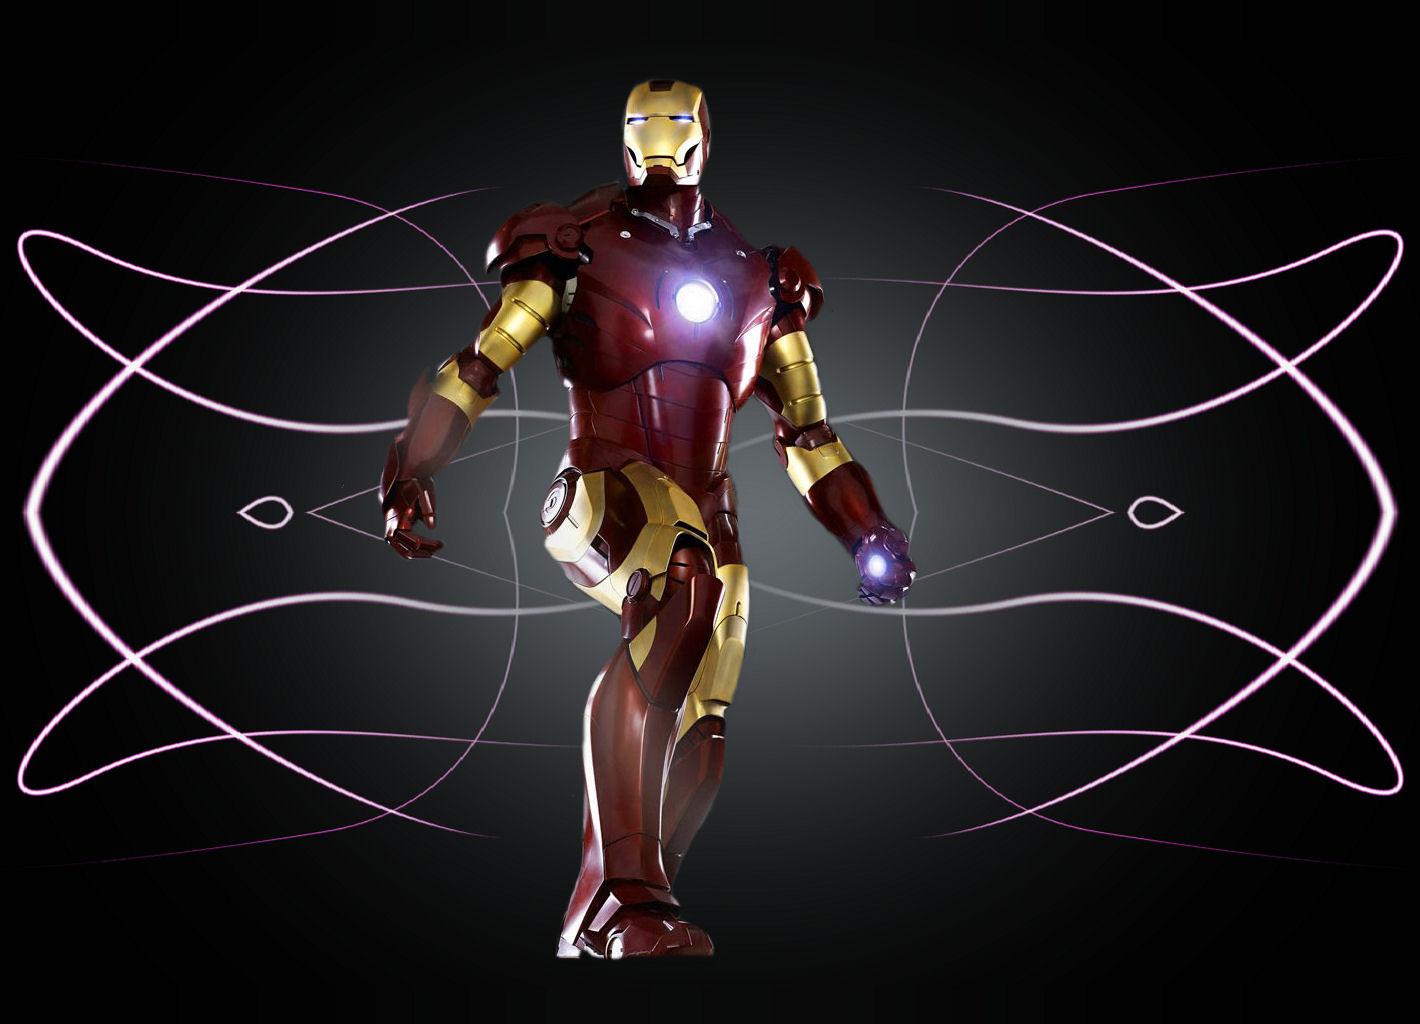 Iron man fondos de pantalla fondos de escritorio - Fondos de pantalla de iron man en 3d ...